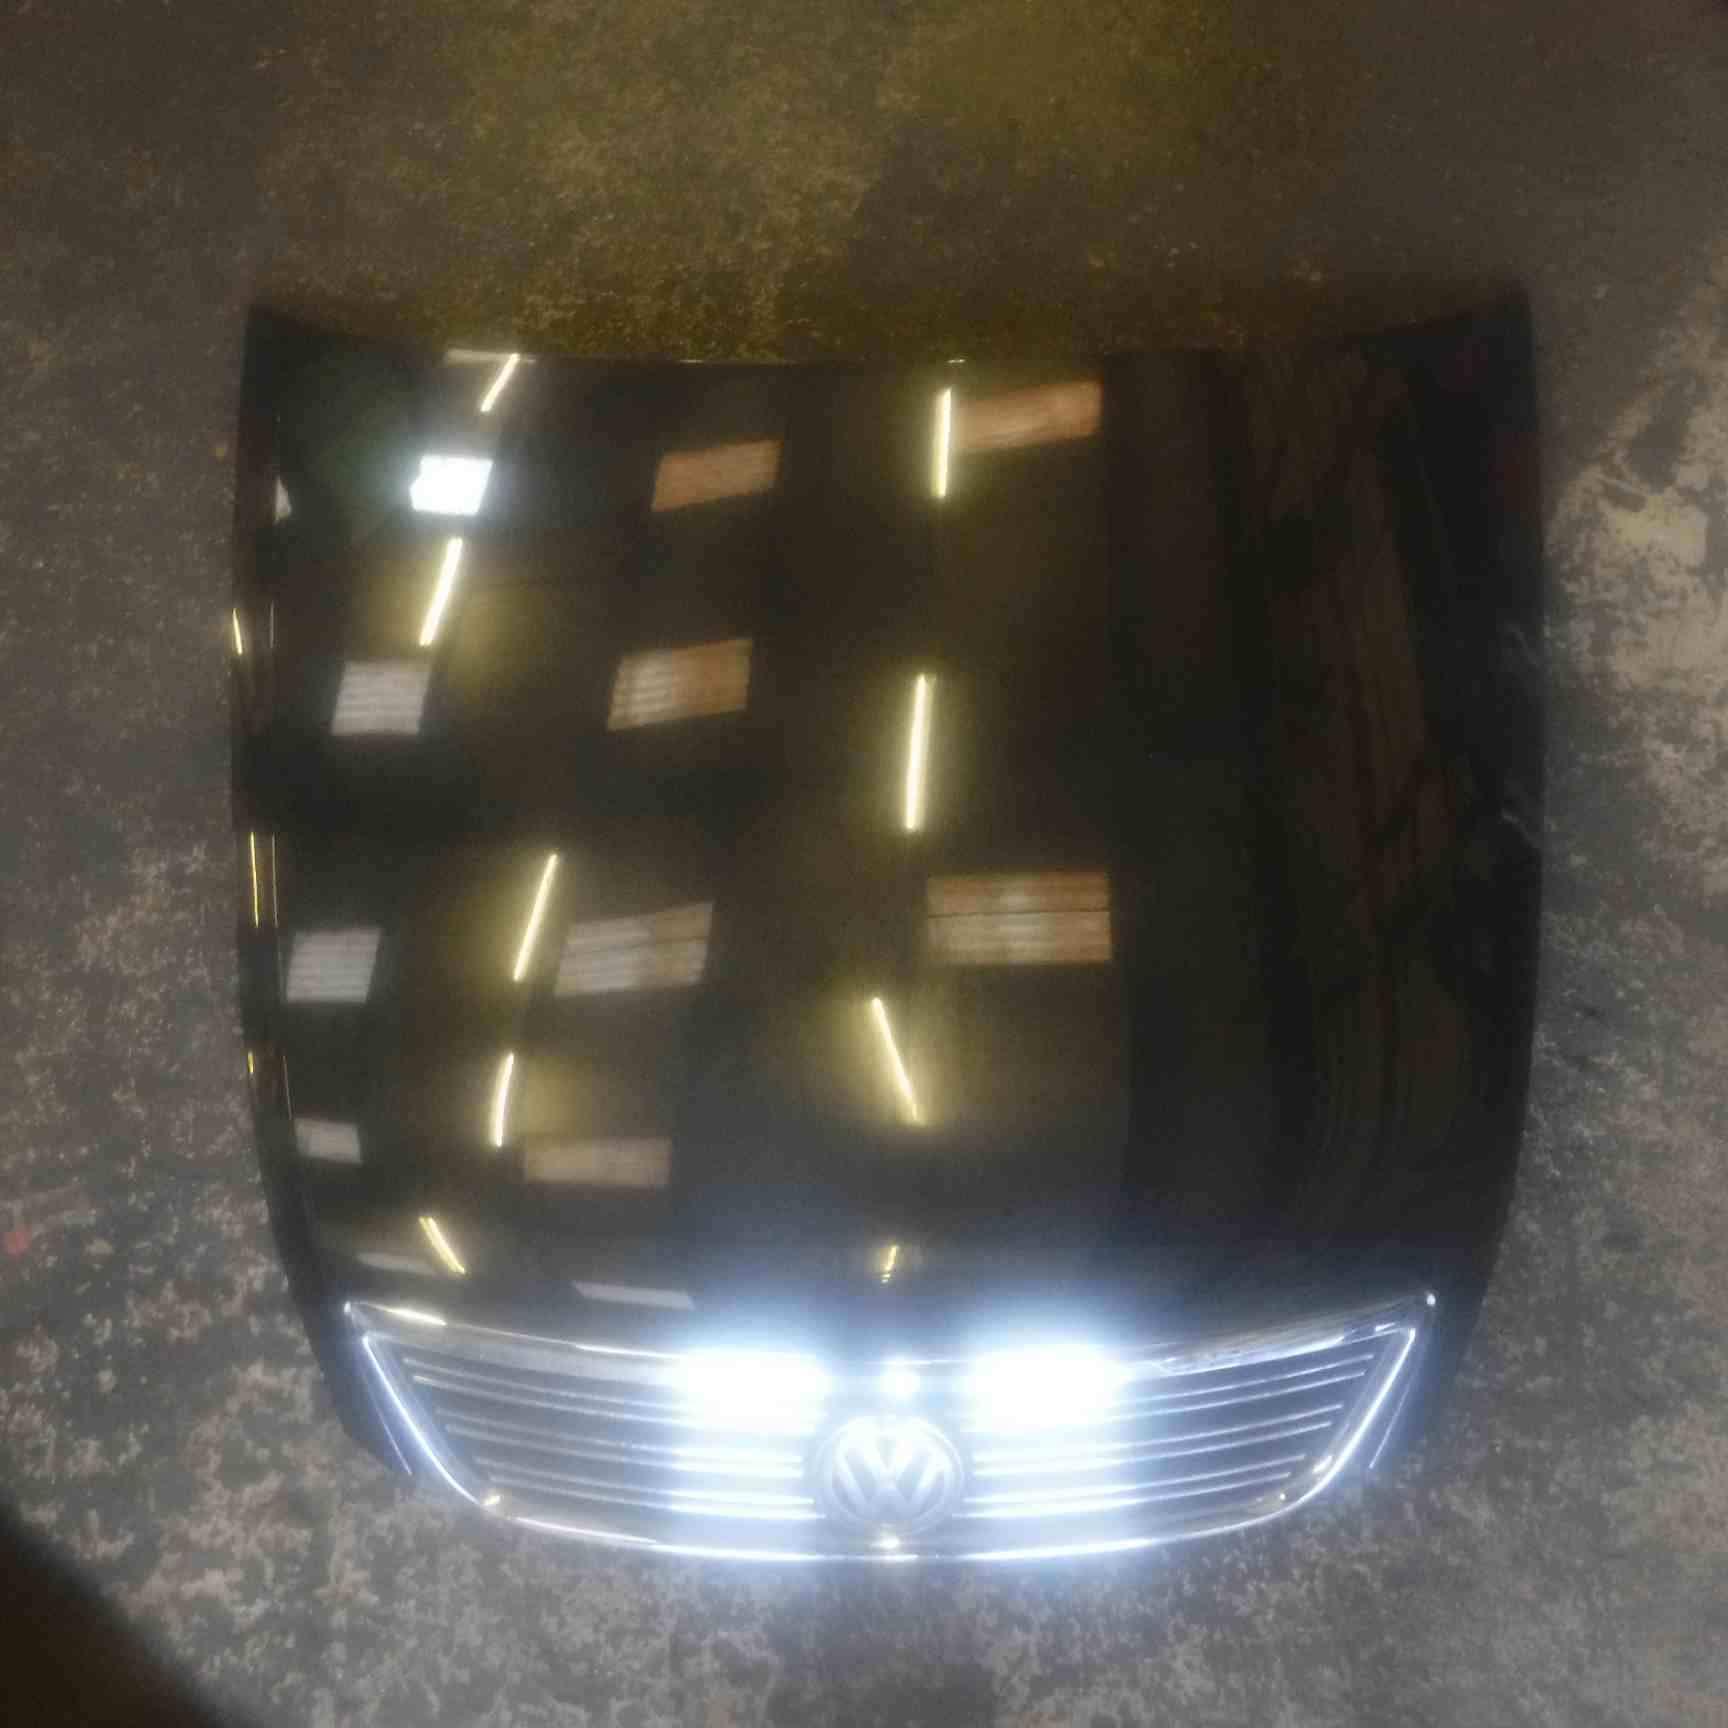 Volkswagen Phaeton 2002-2006 Front Bonnet Black  Grill